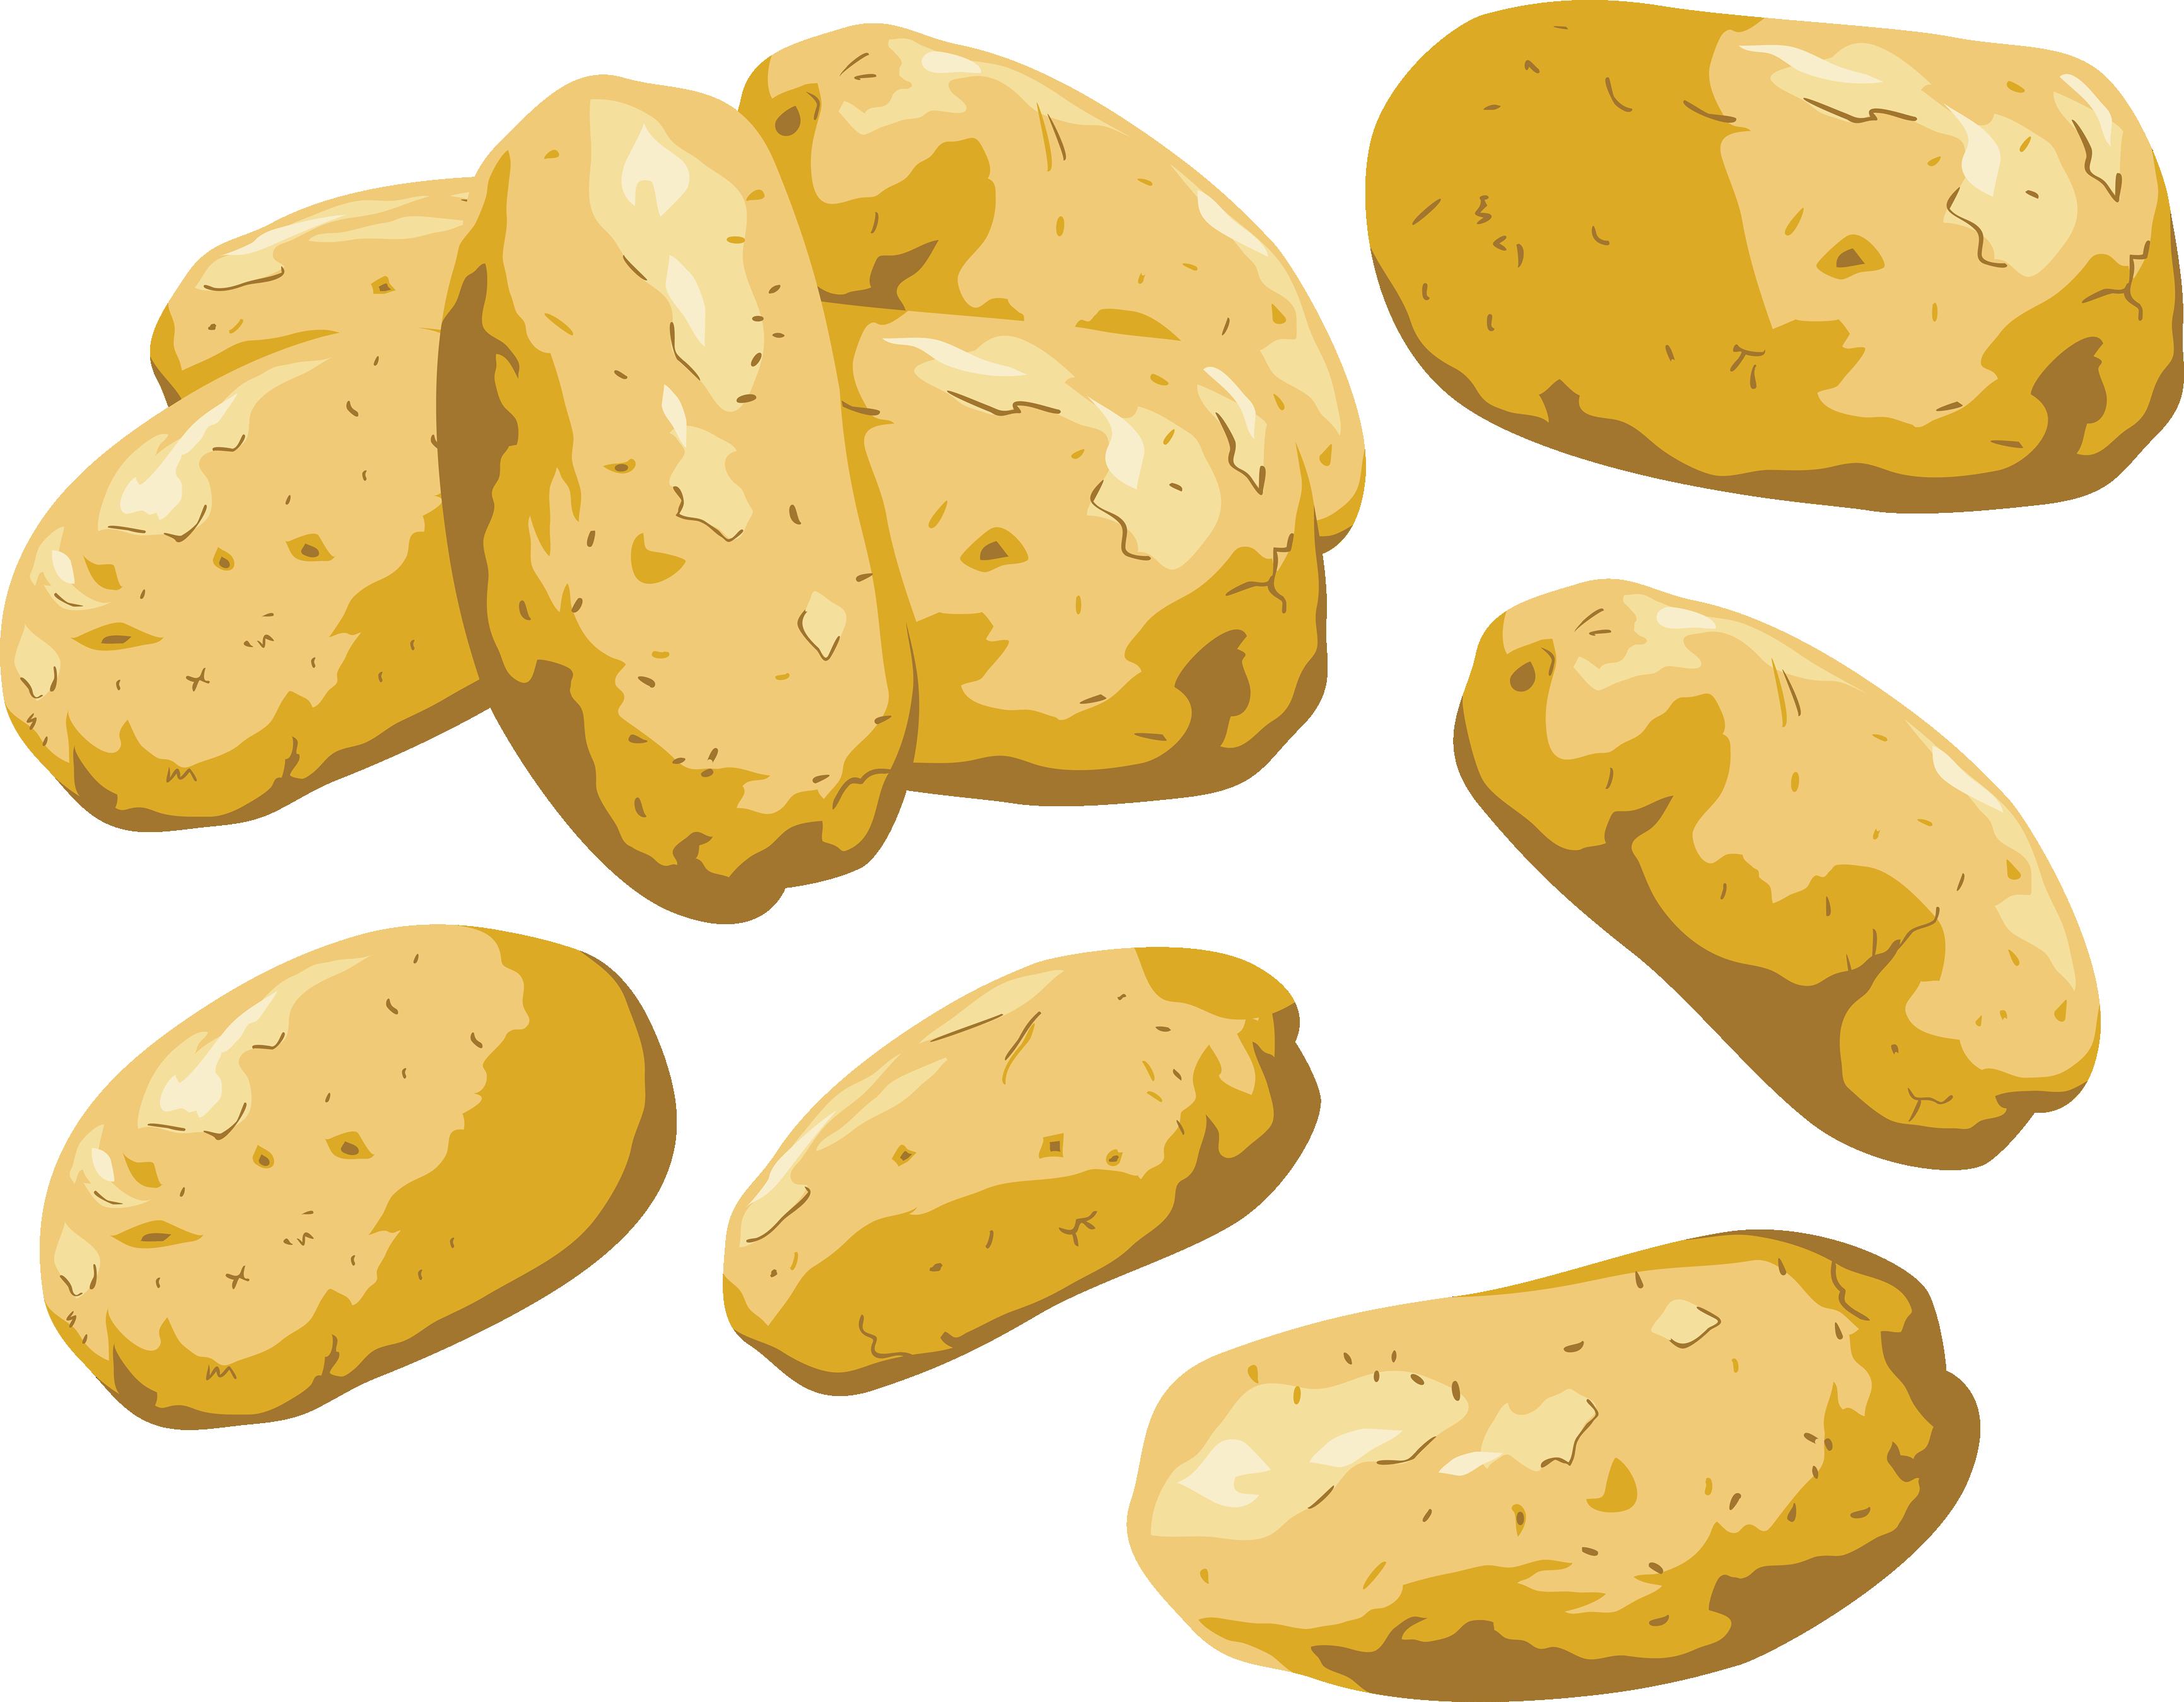 Potato clipart potato food. Unique baked clip art